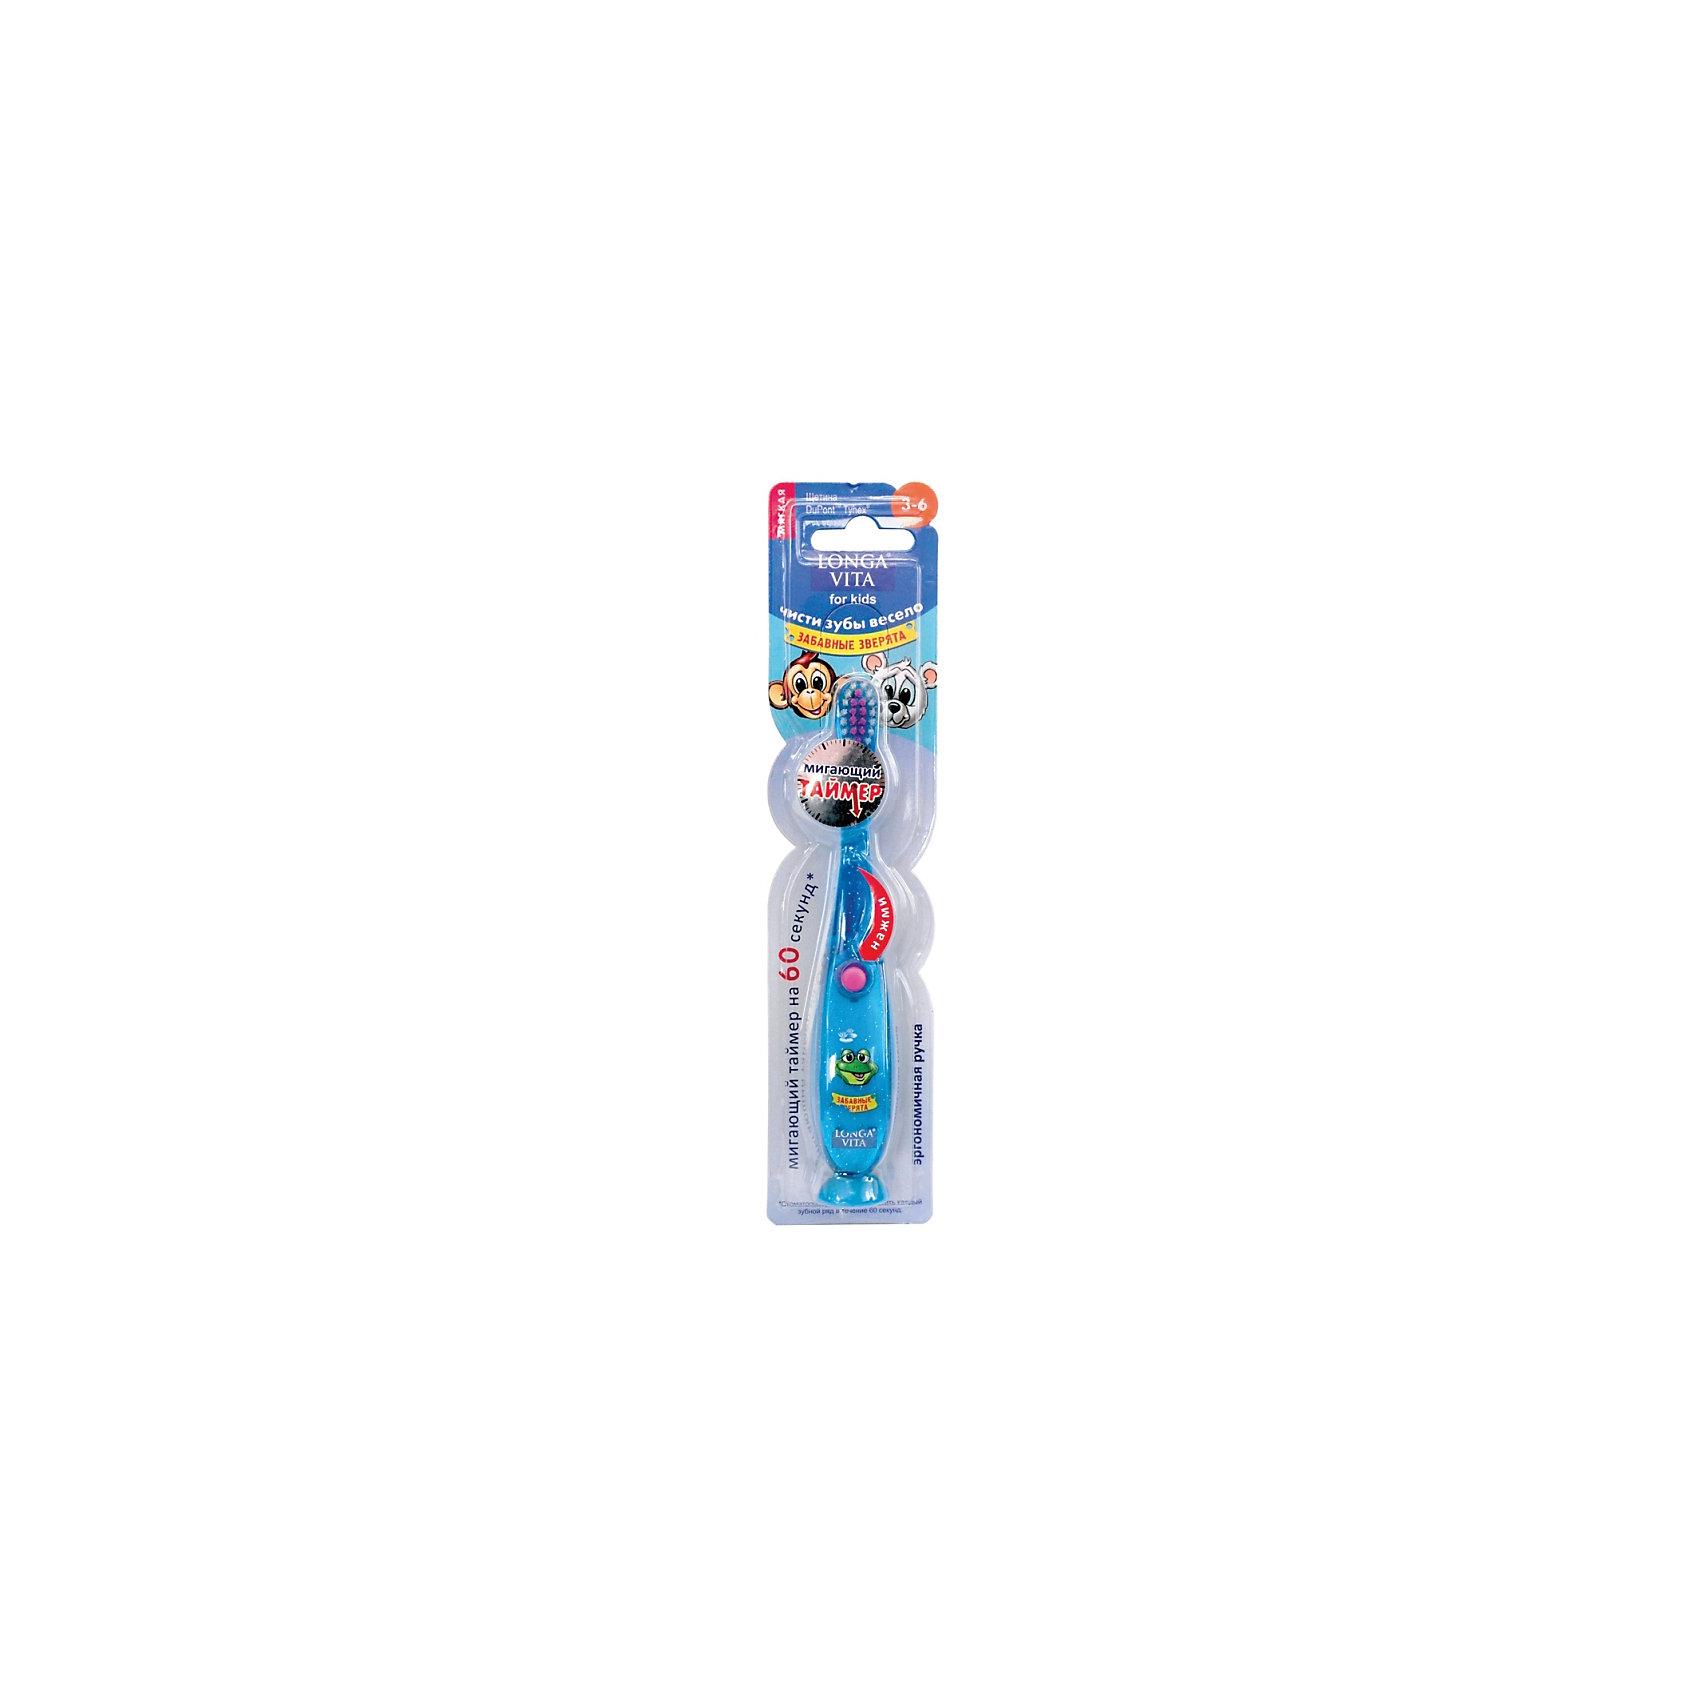 """ФОТО longa vita Мигающая зубная щётка на присоске """"Забавные зверята"""", 3-6 лет longa vita, синий"""